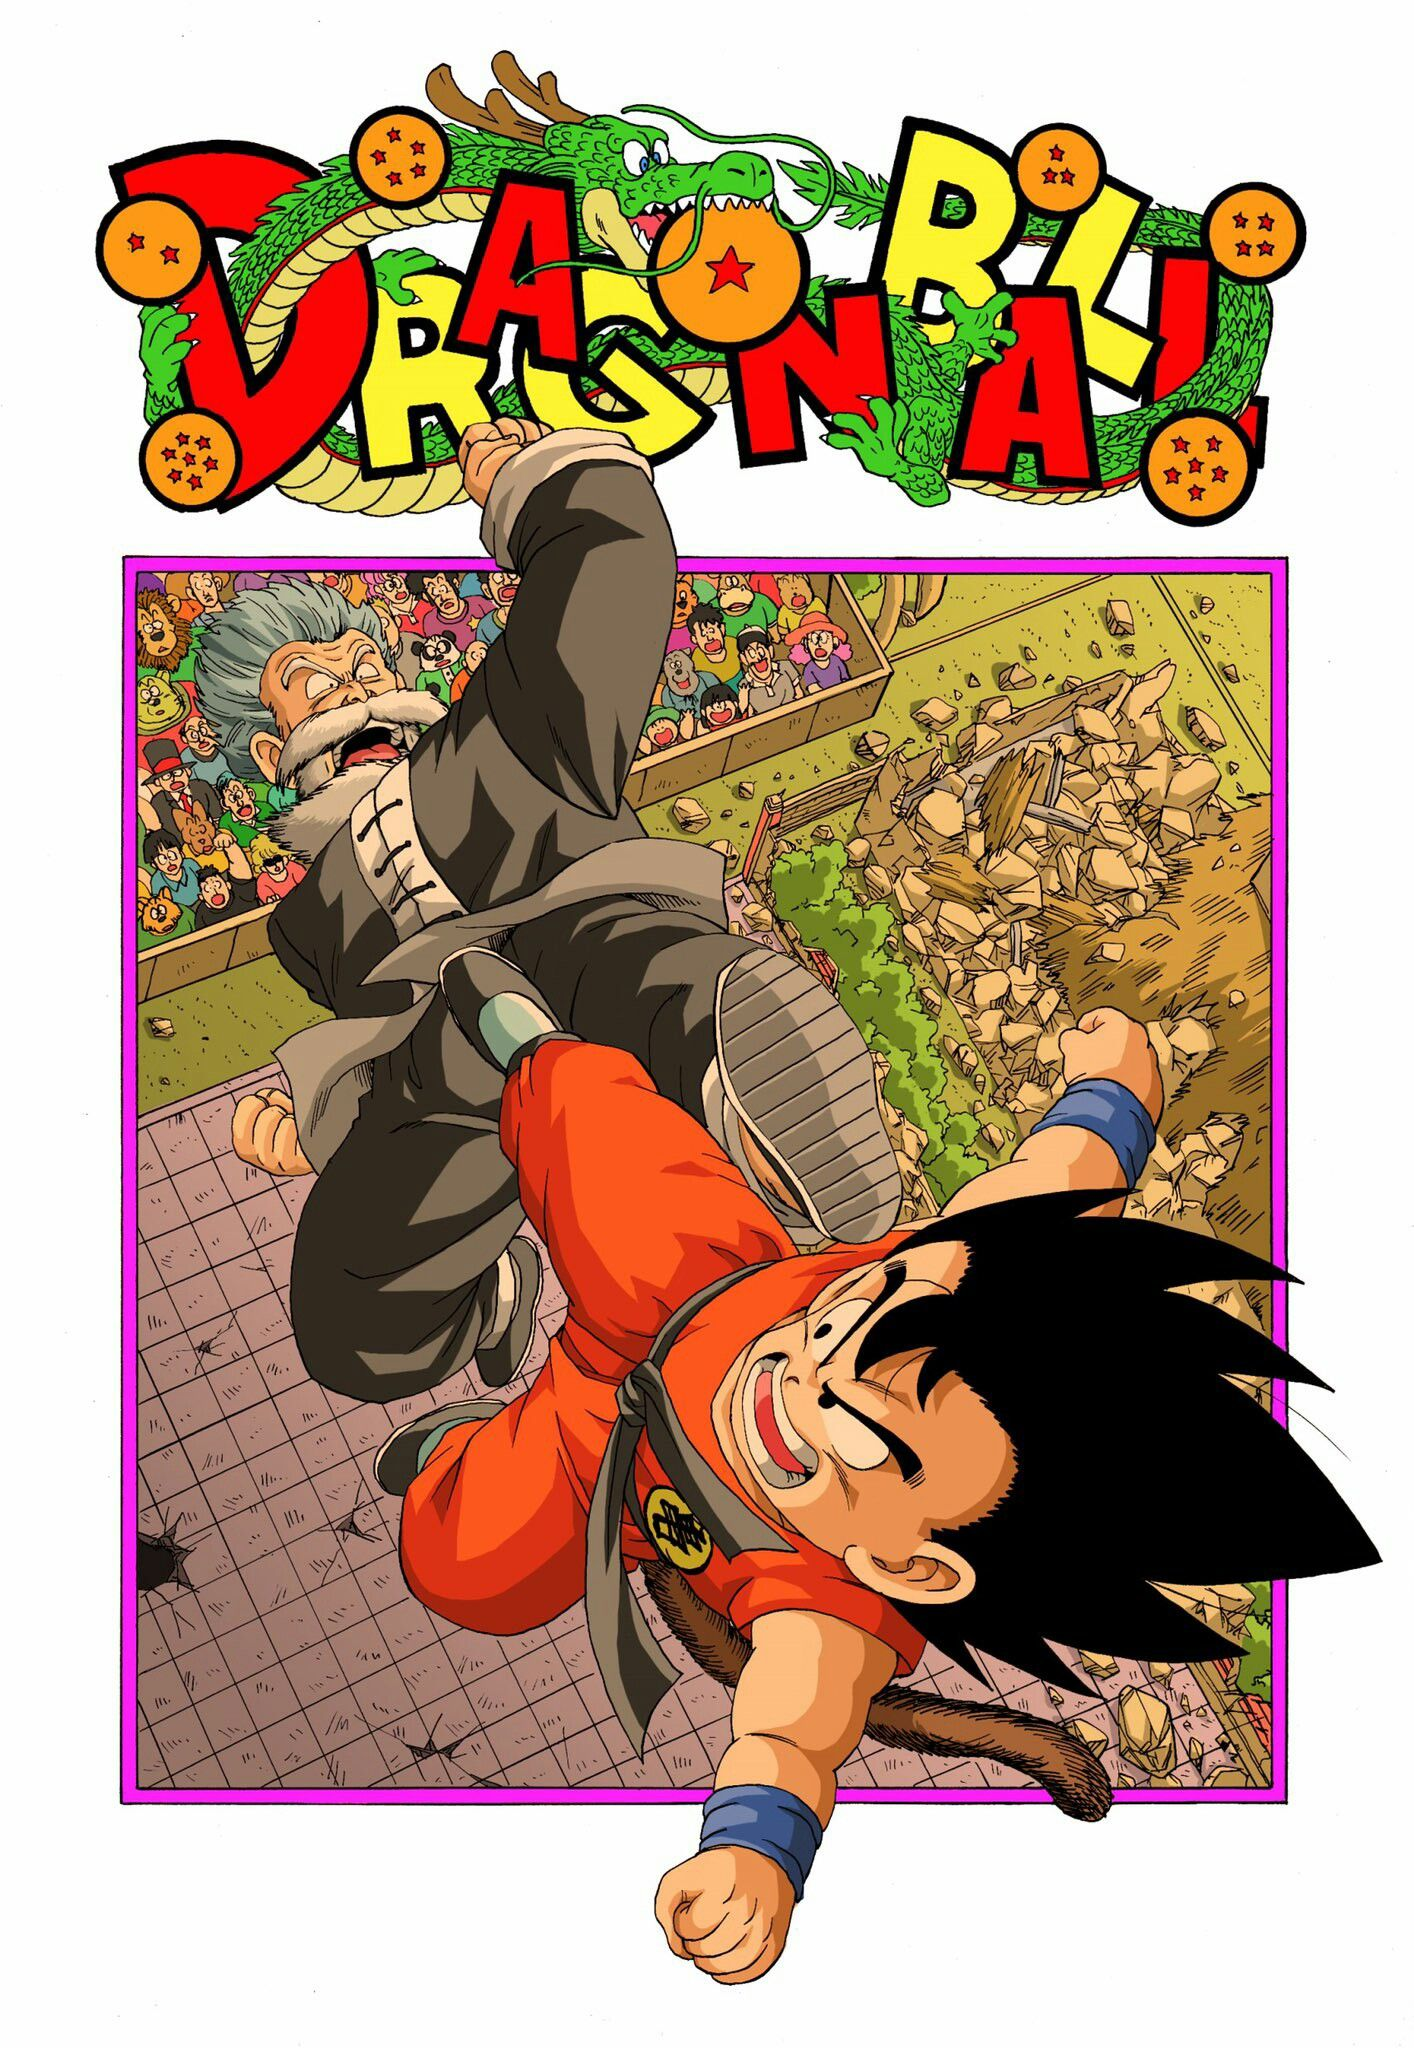 Goku Vs Jackie Chun Mestre Kame Anime Dragon Ball Super Anime Dragon Ball Dragon Ball